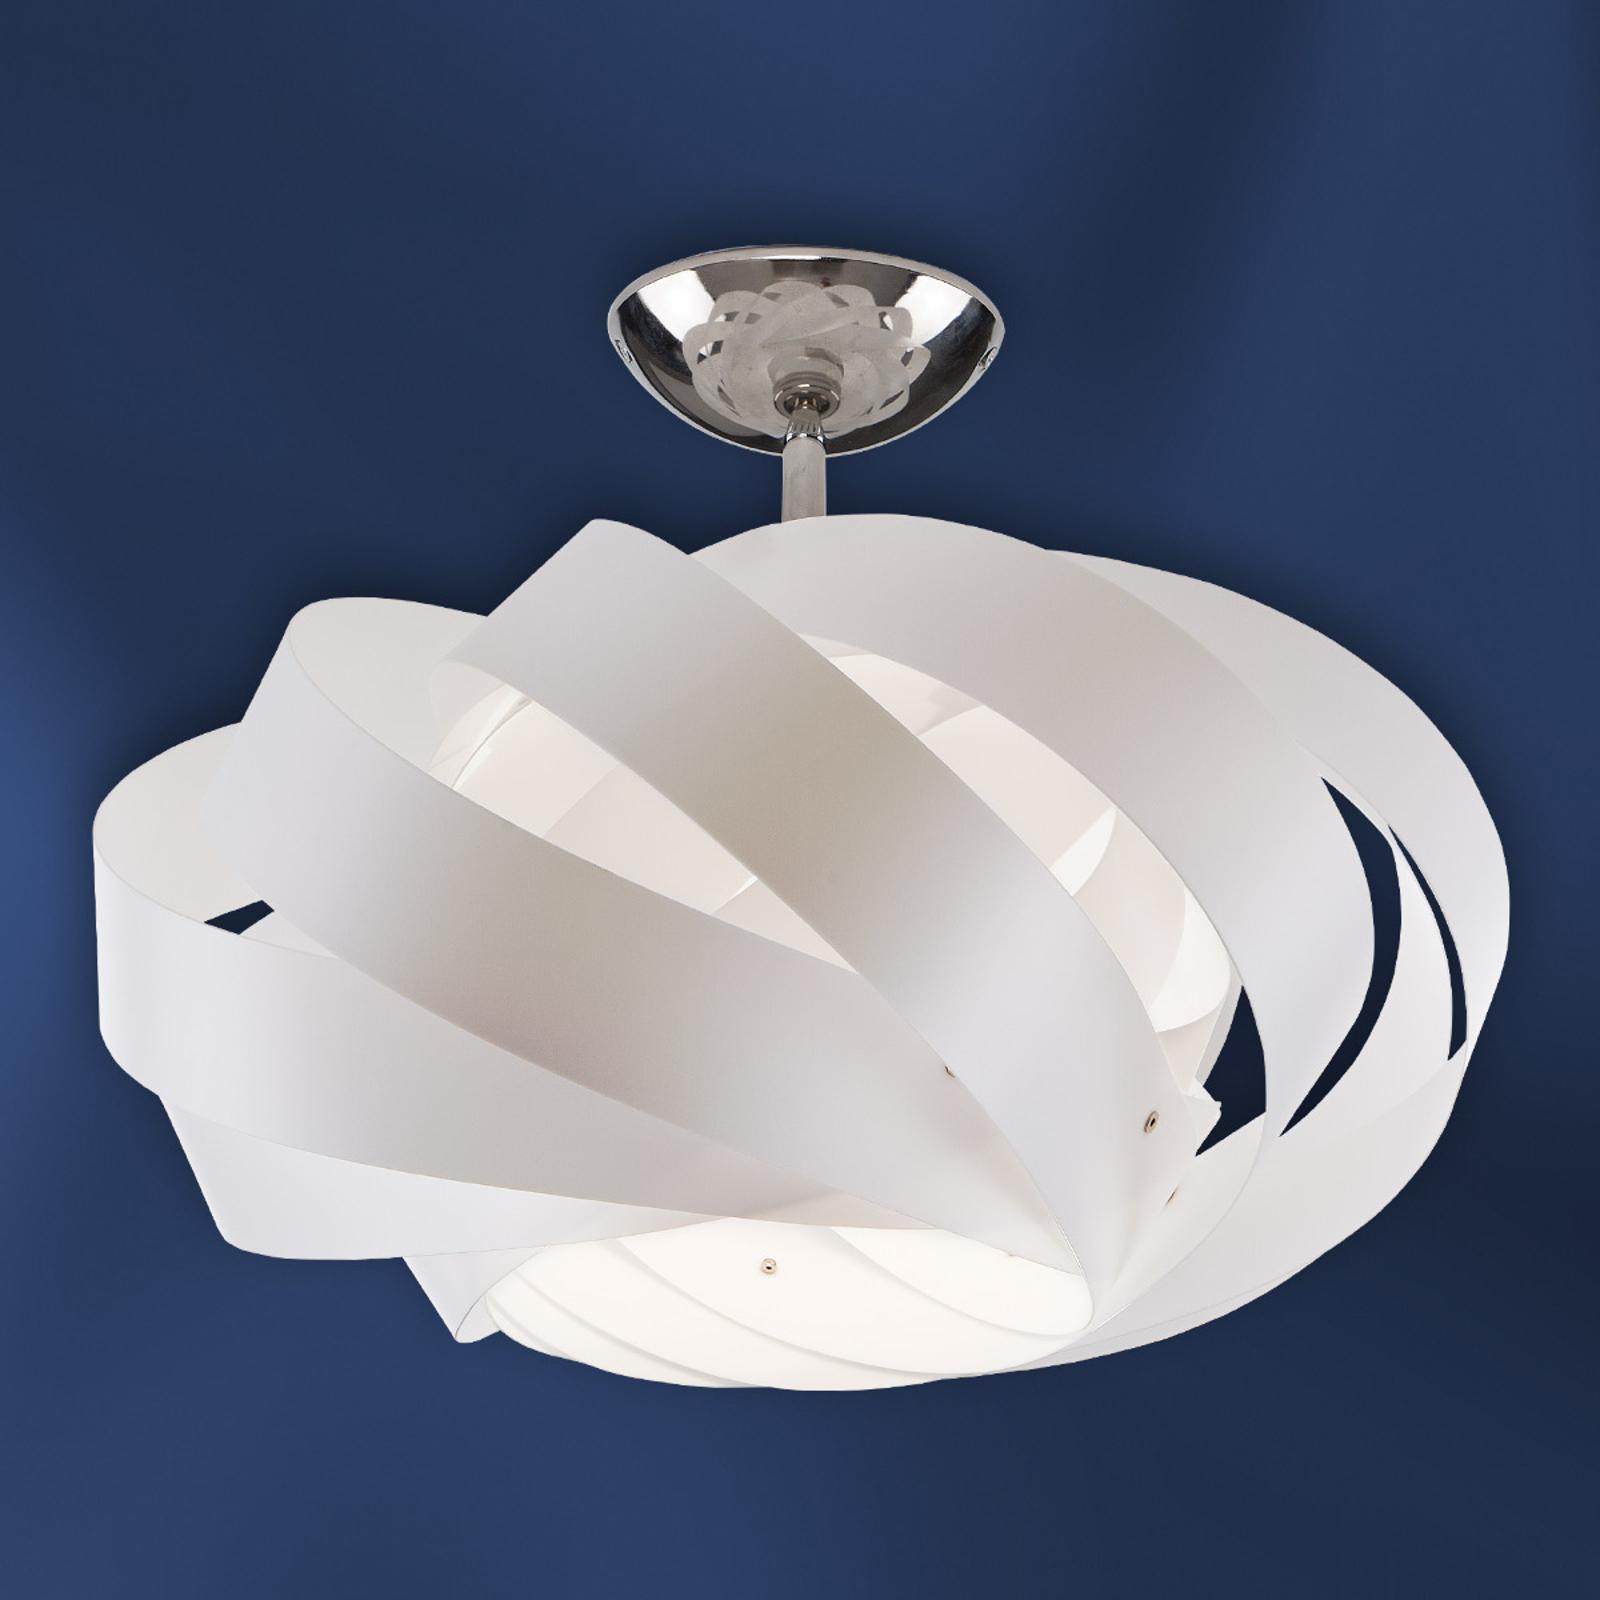 White ceiling light Sky Mini Nest_1056086_1